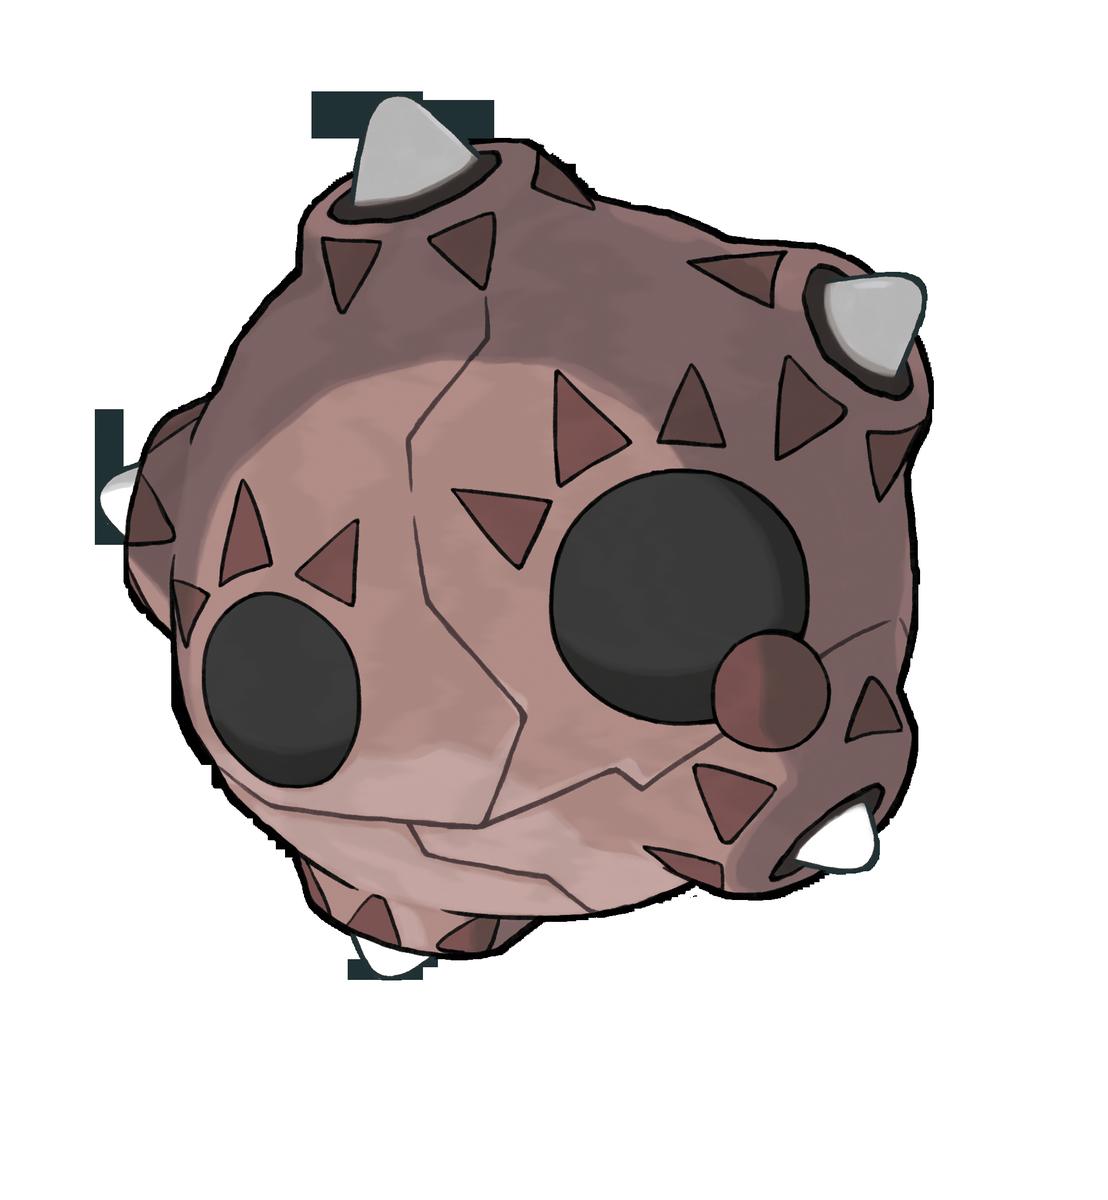 Meteor clipart cosmology. Minior pok mon wiki